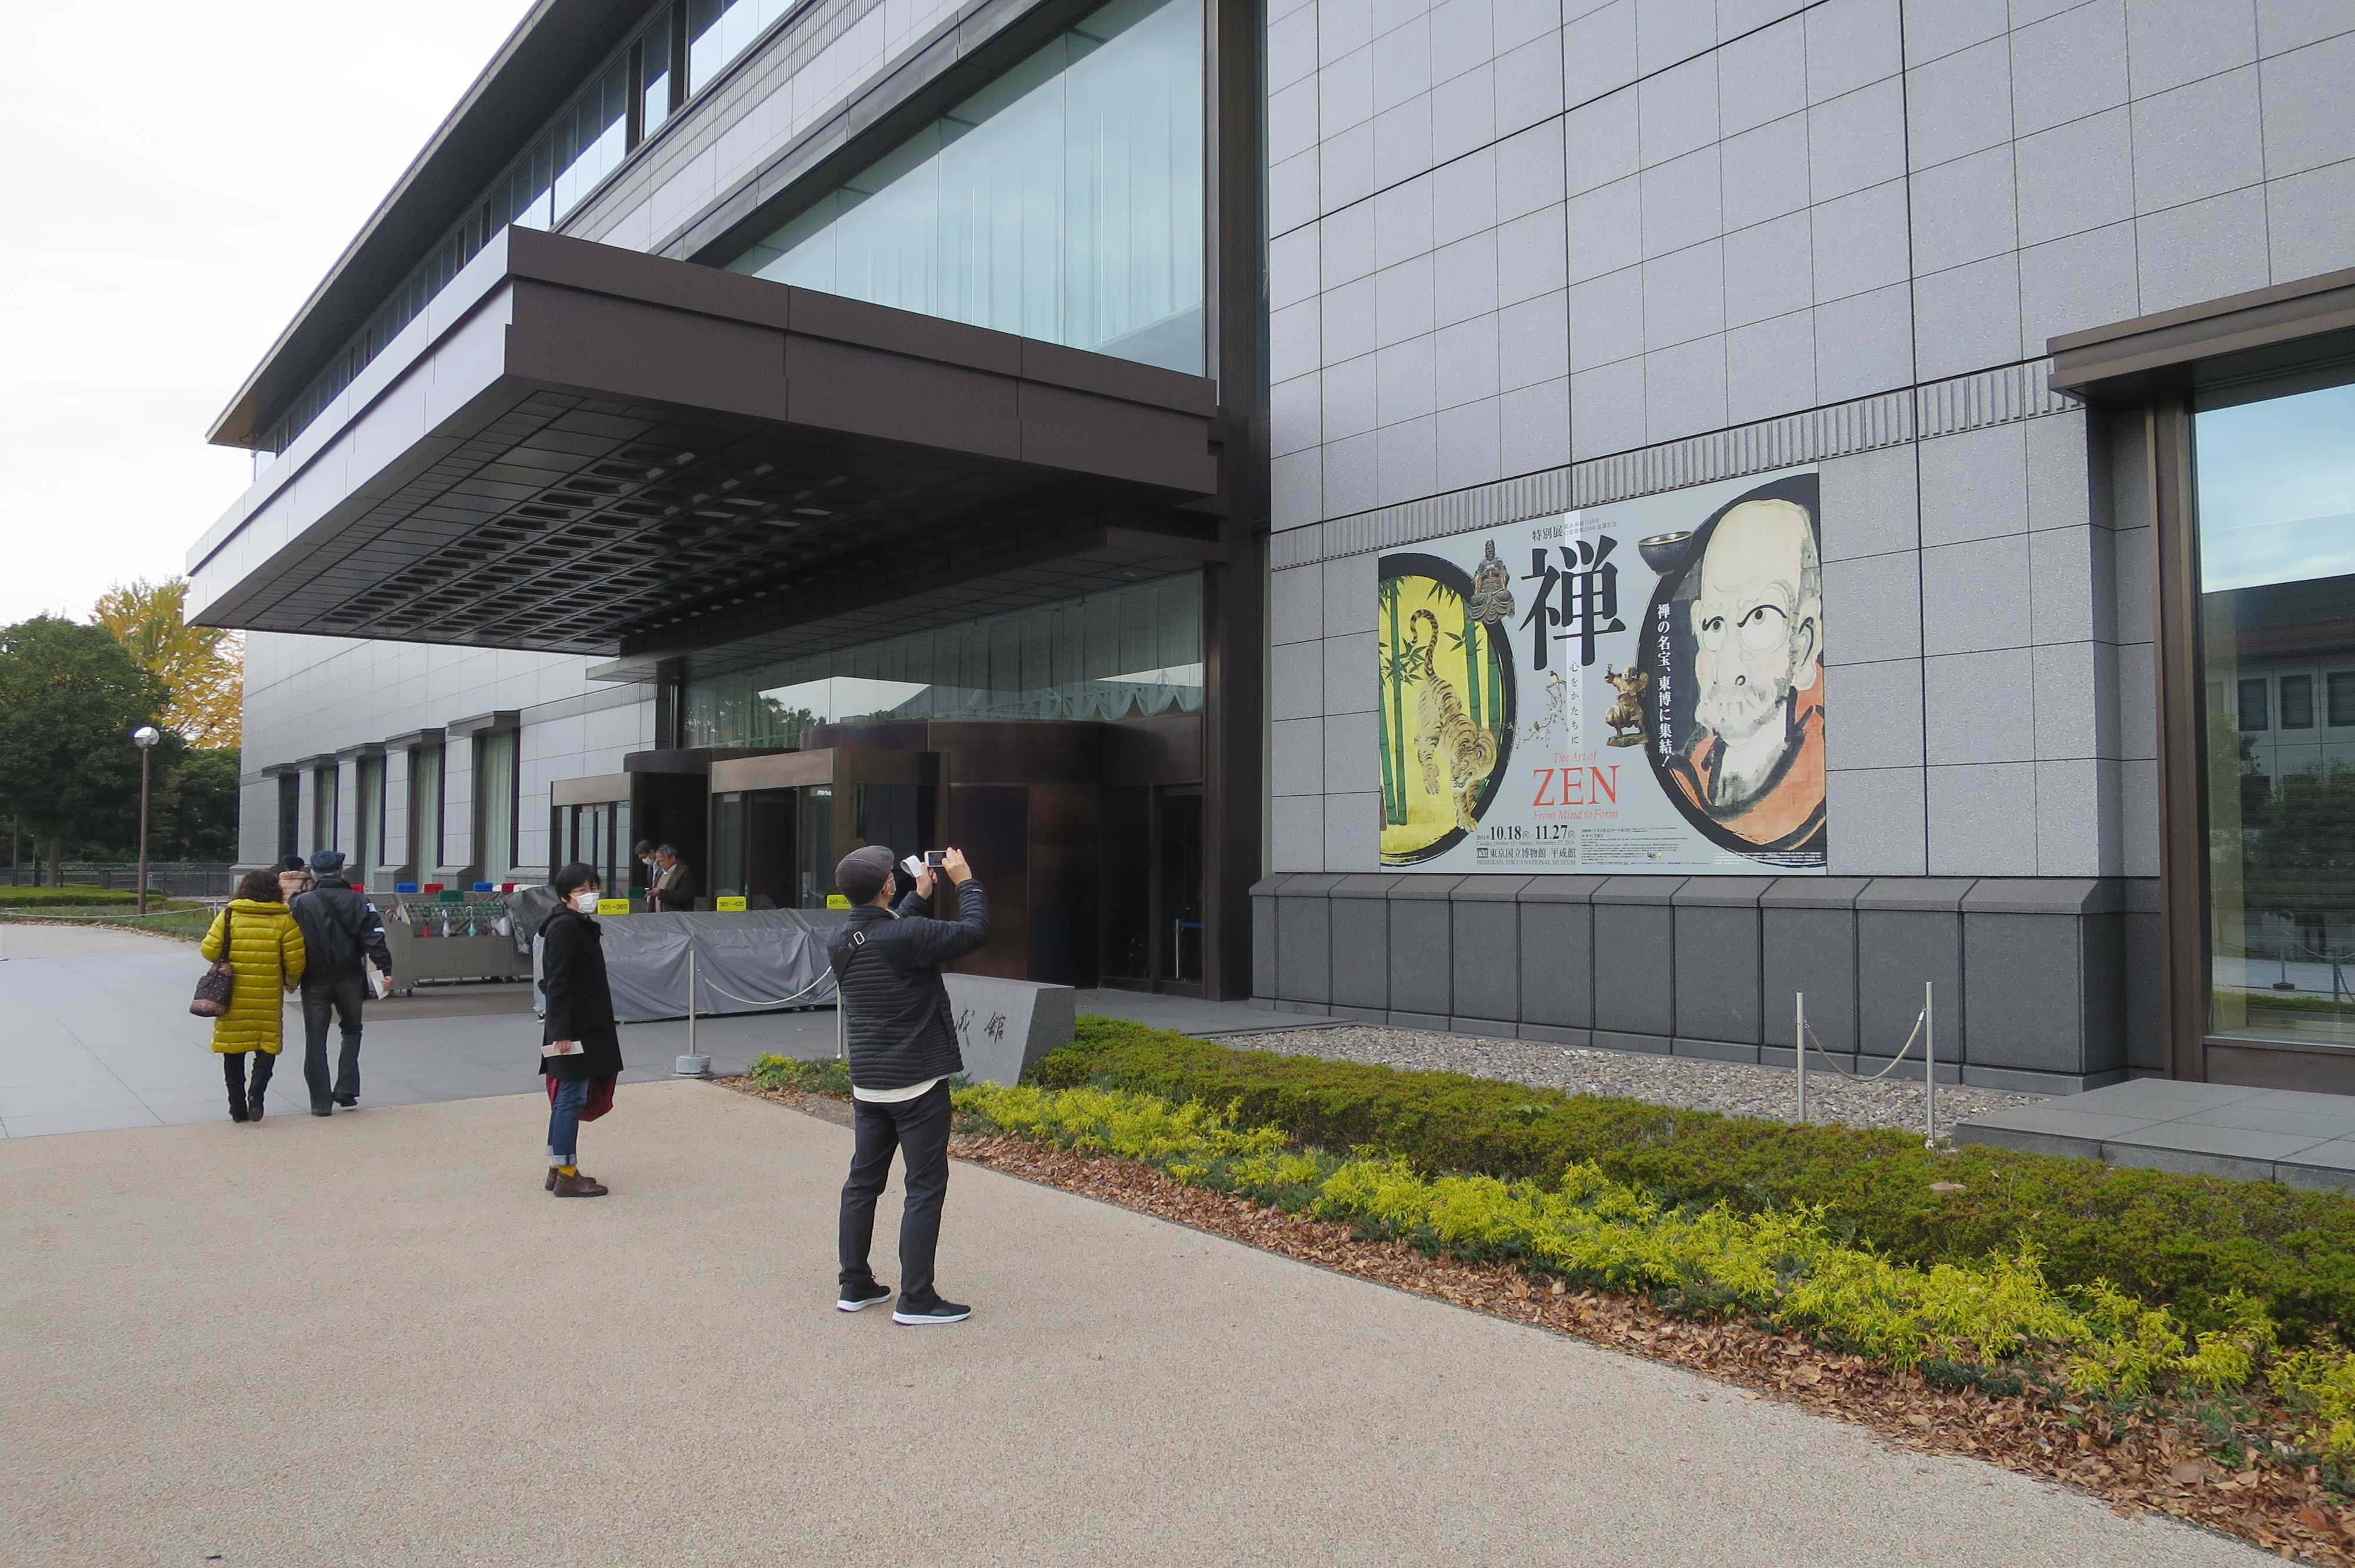 東京国立博物館 平成館の入口